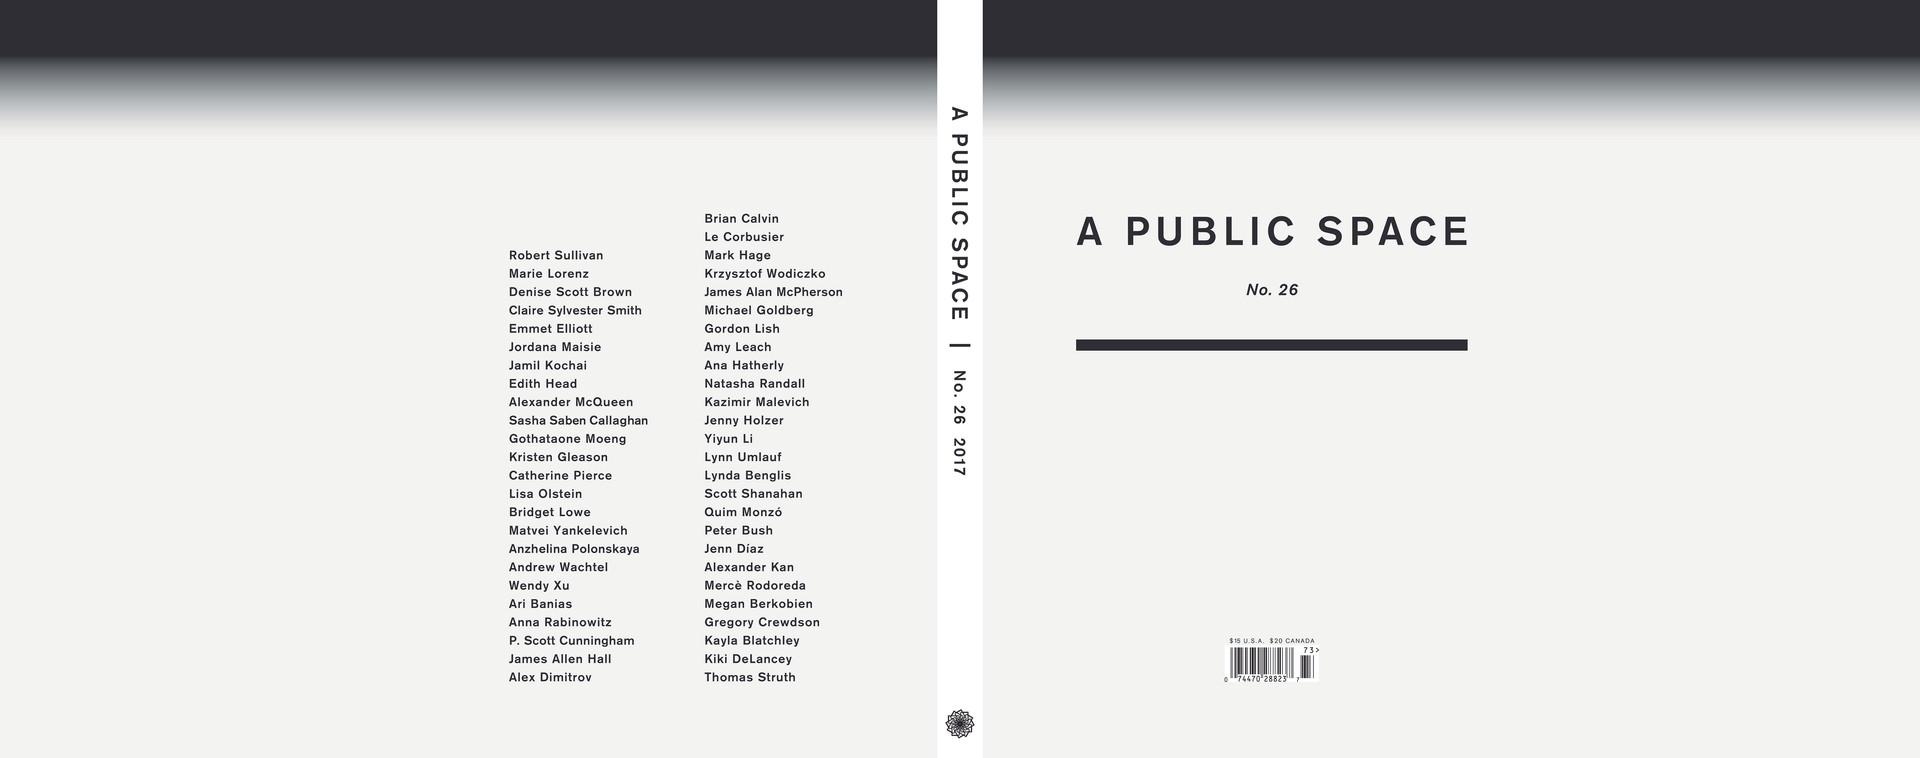 A Public Space 2017 - 2018